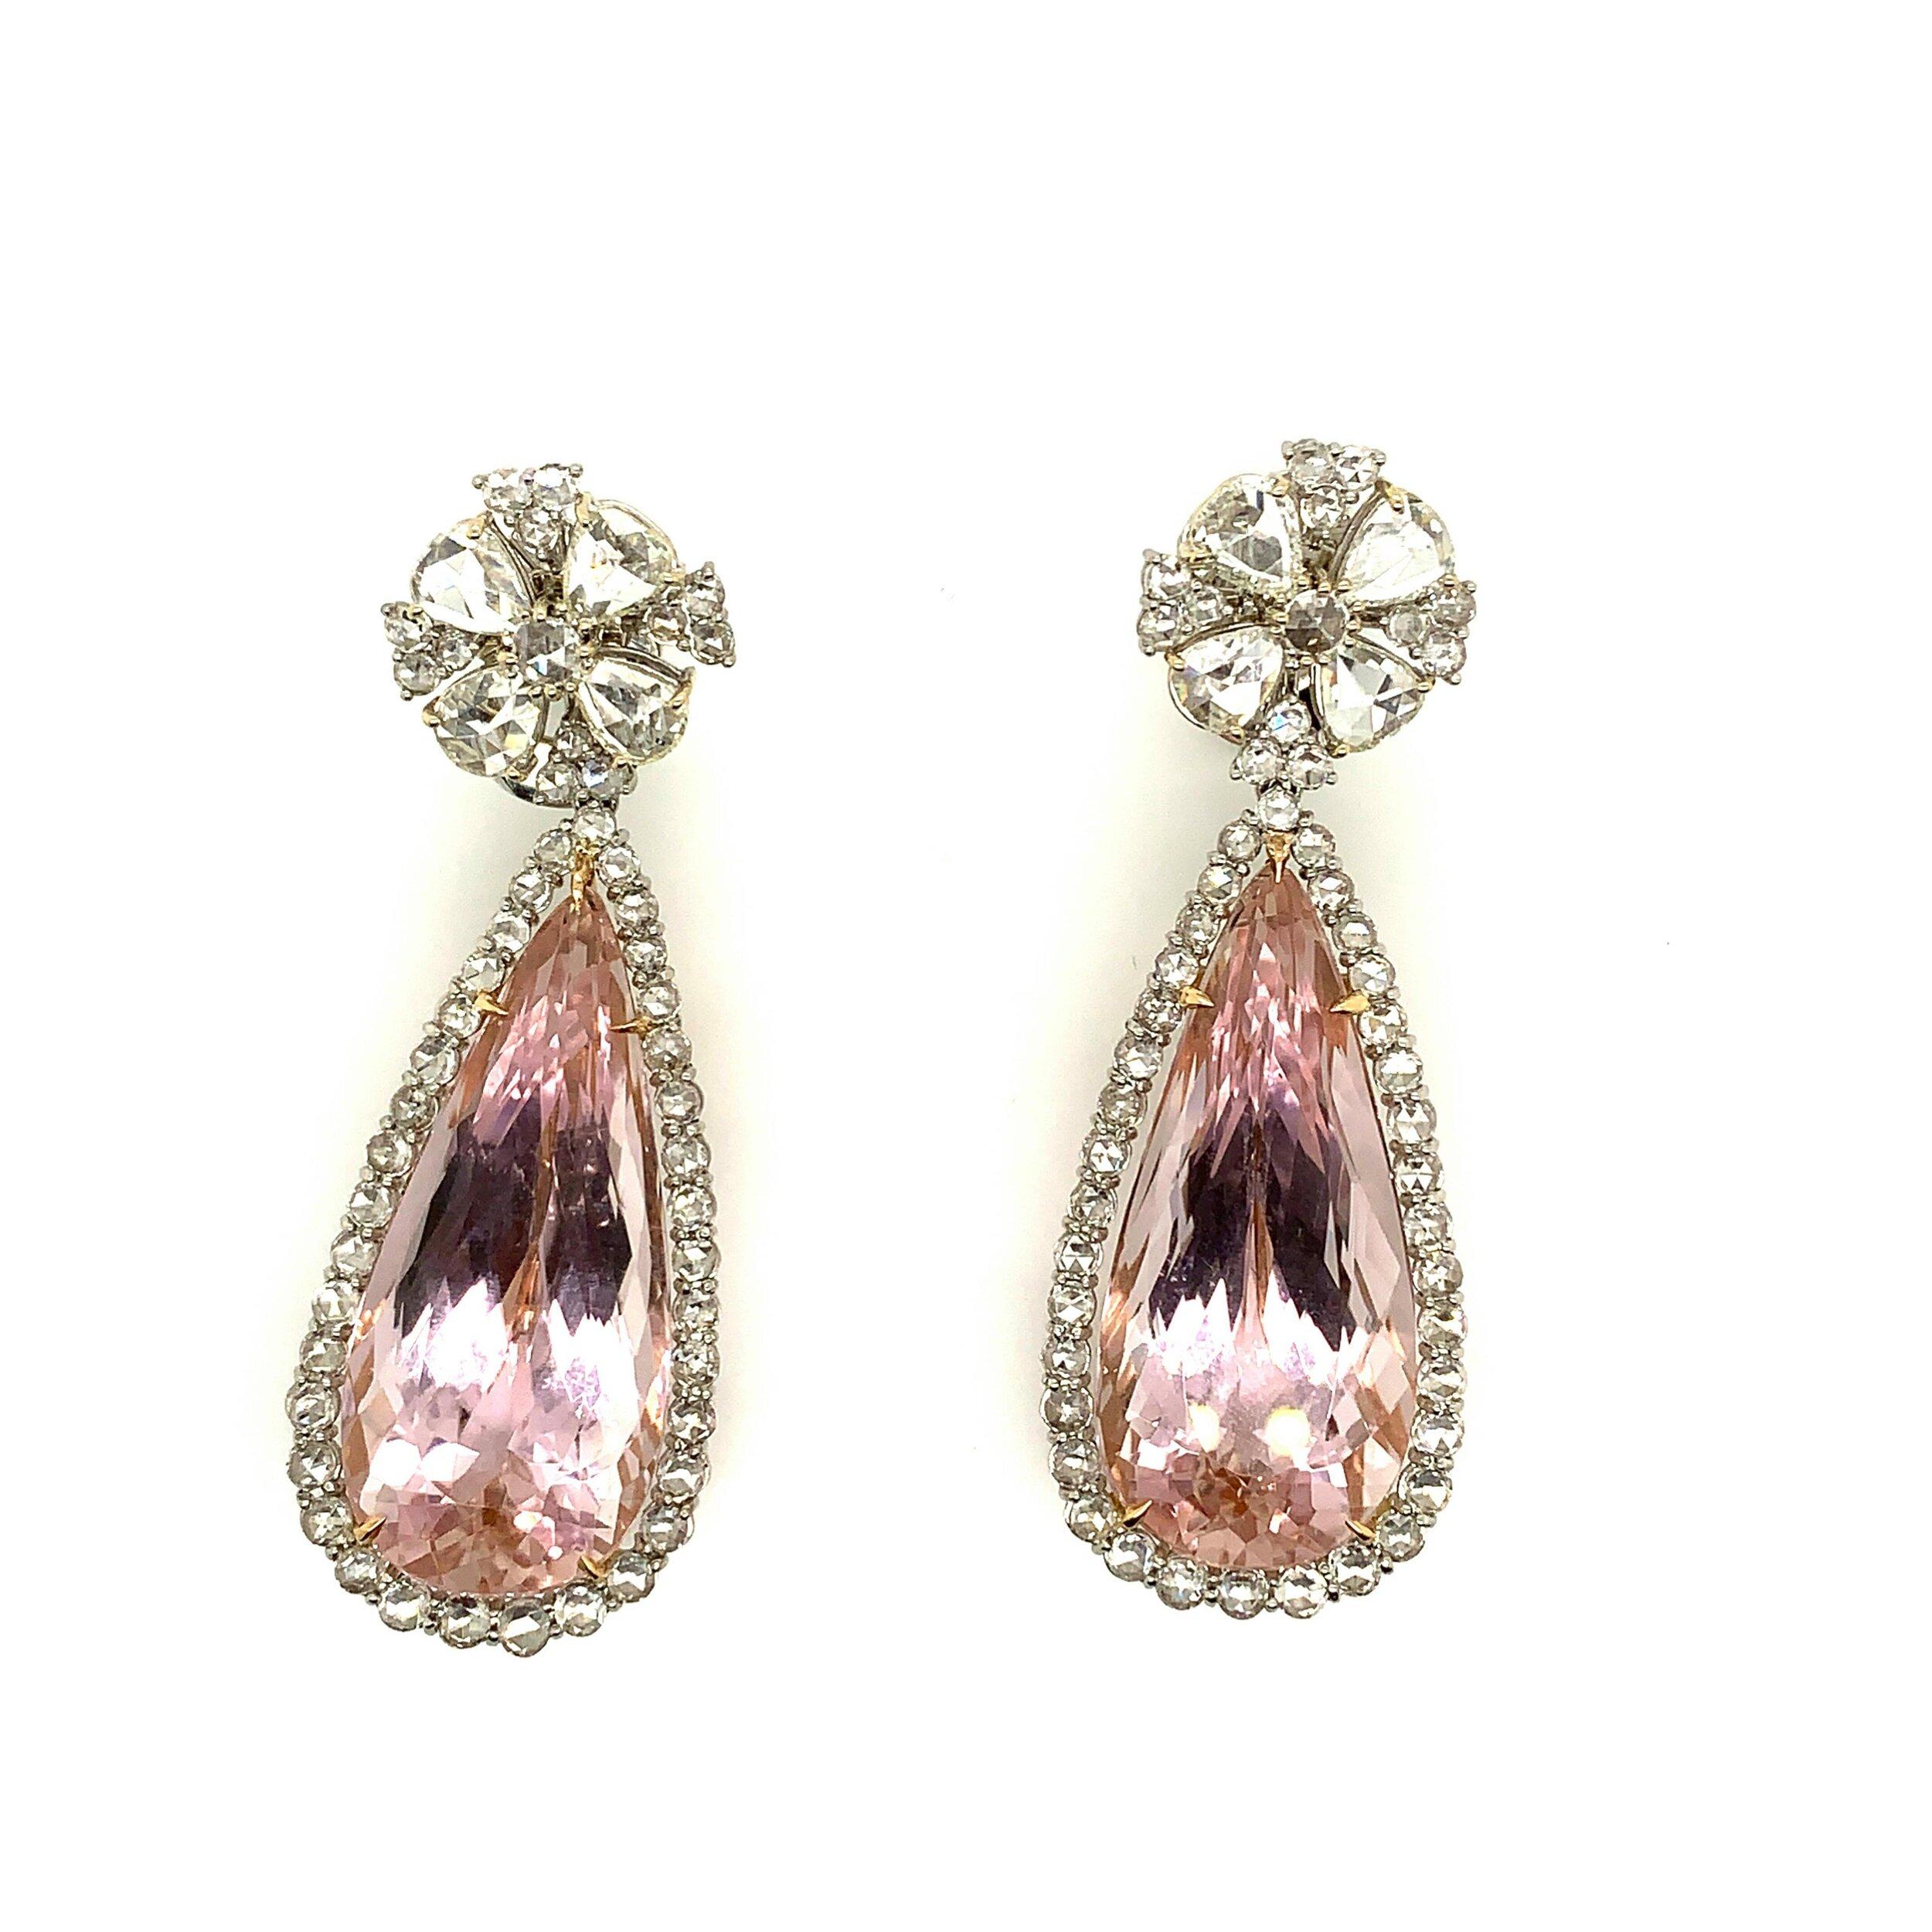 Kunzite & Diamond Earrings   Est. US$ 8,000-10,000